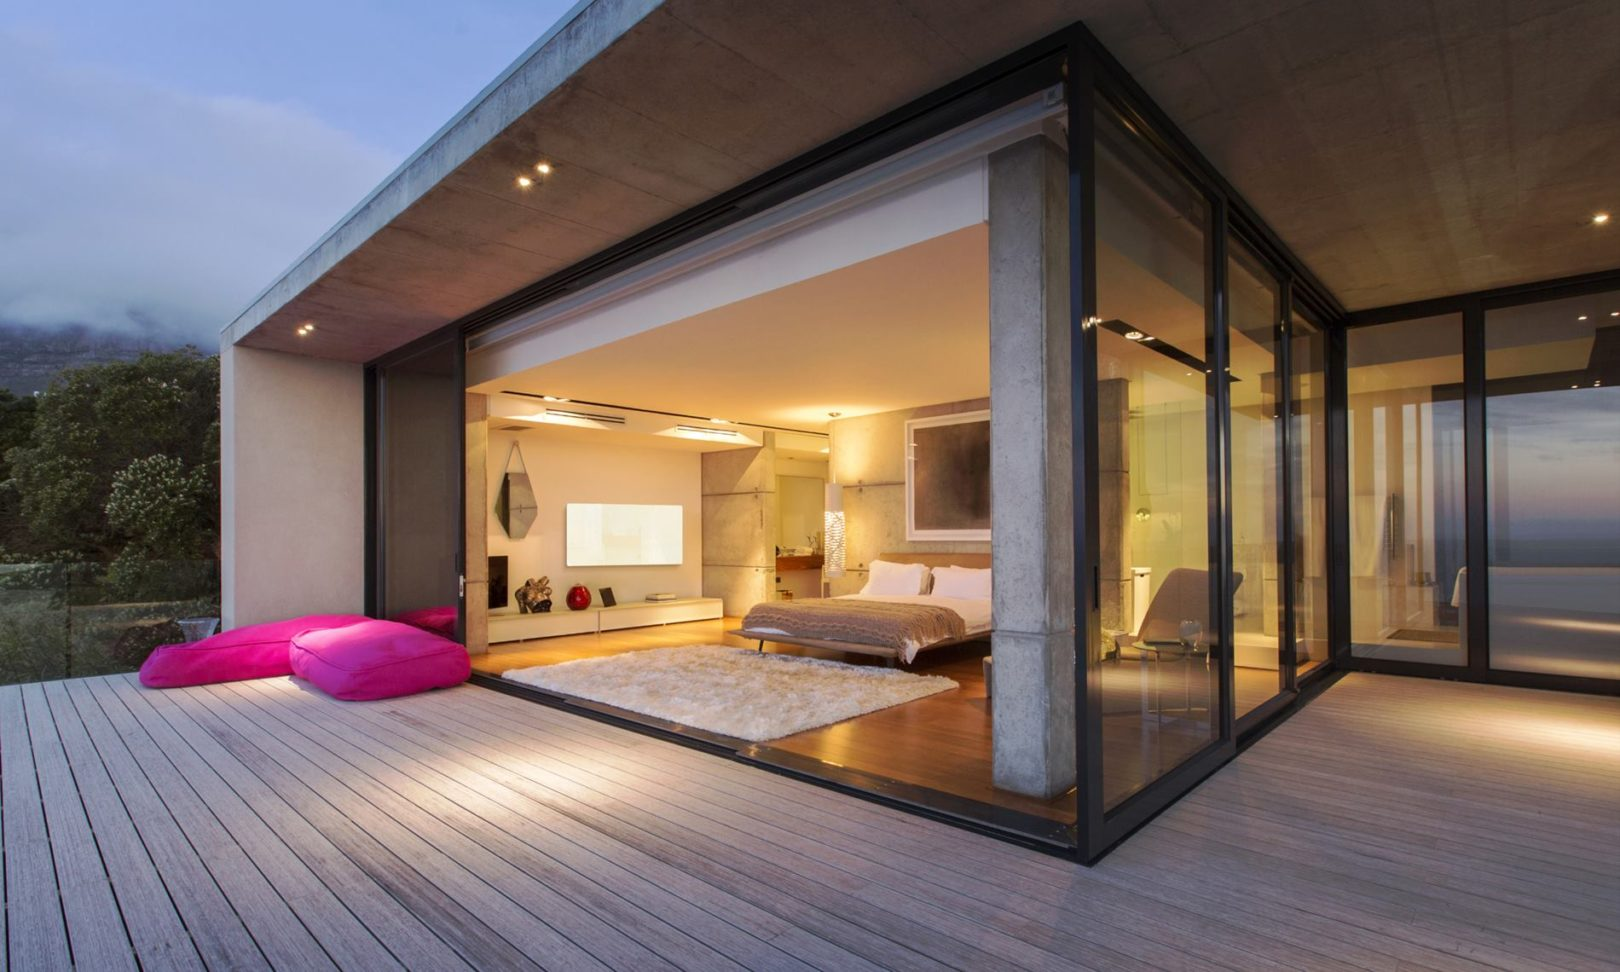 ELIAS La calefacción. Panel radiante por infrarrojos en dormitorio